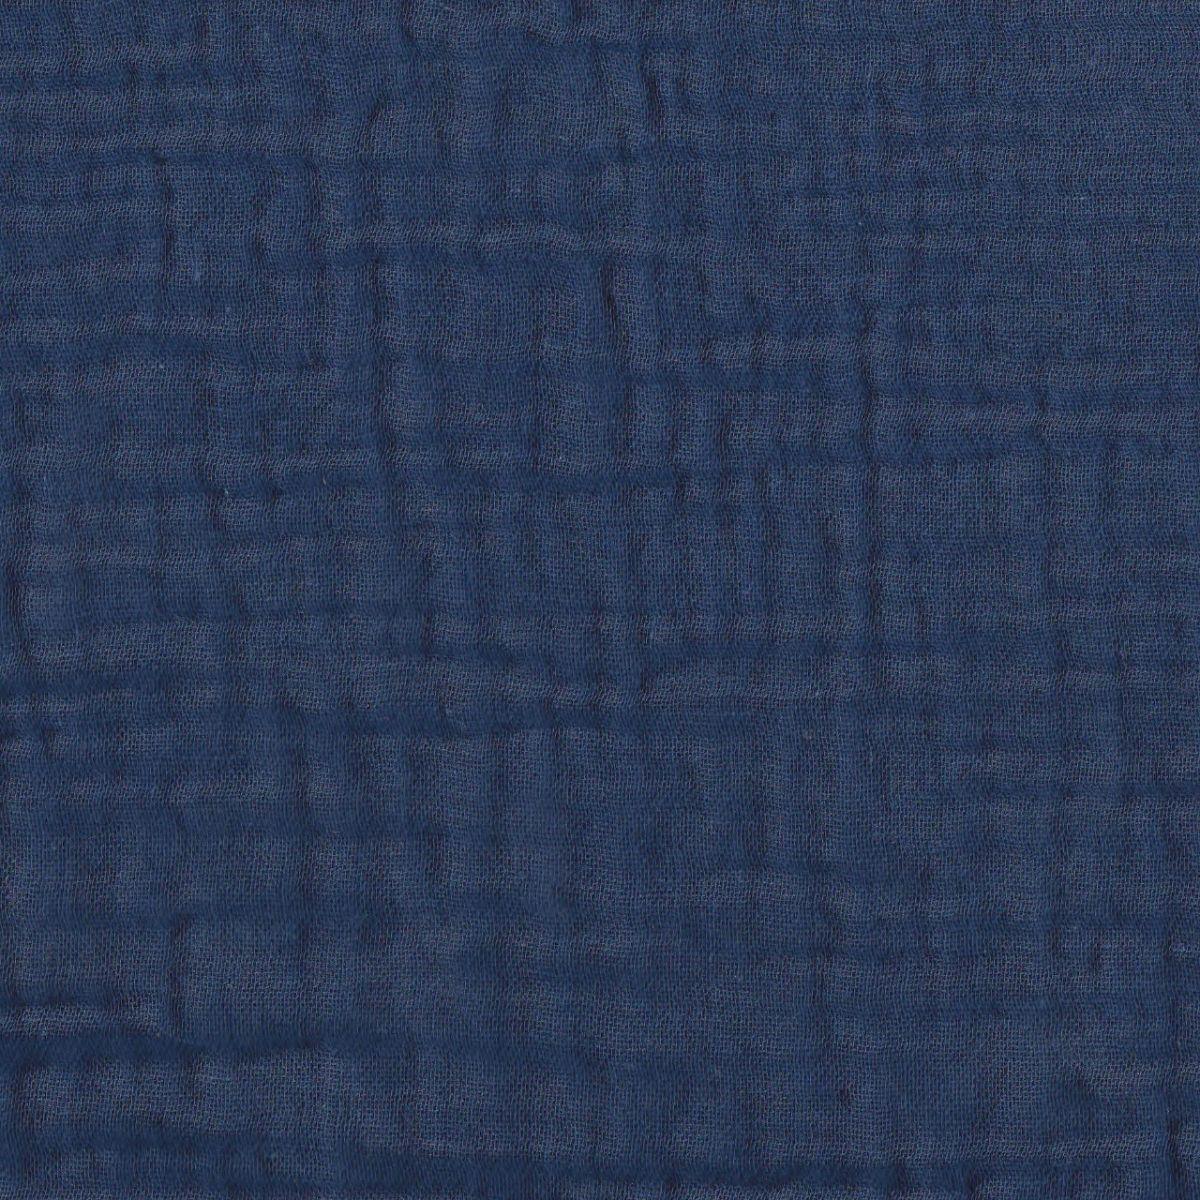 Duvet Cover Set night blue - Numero 74